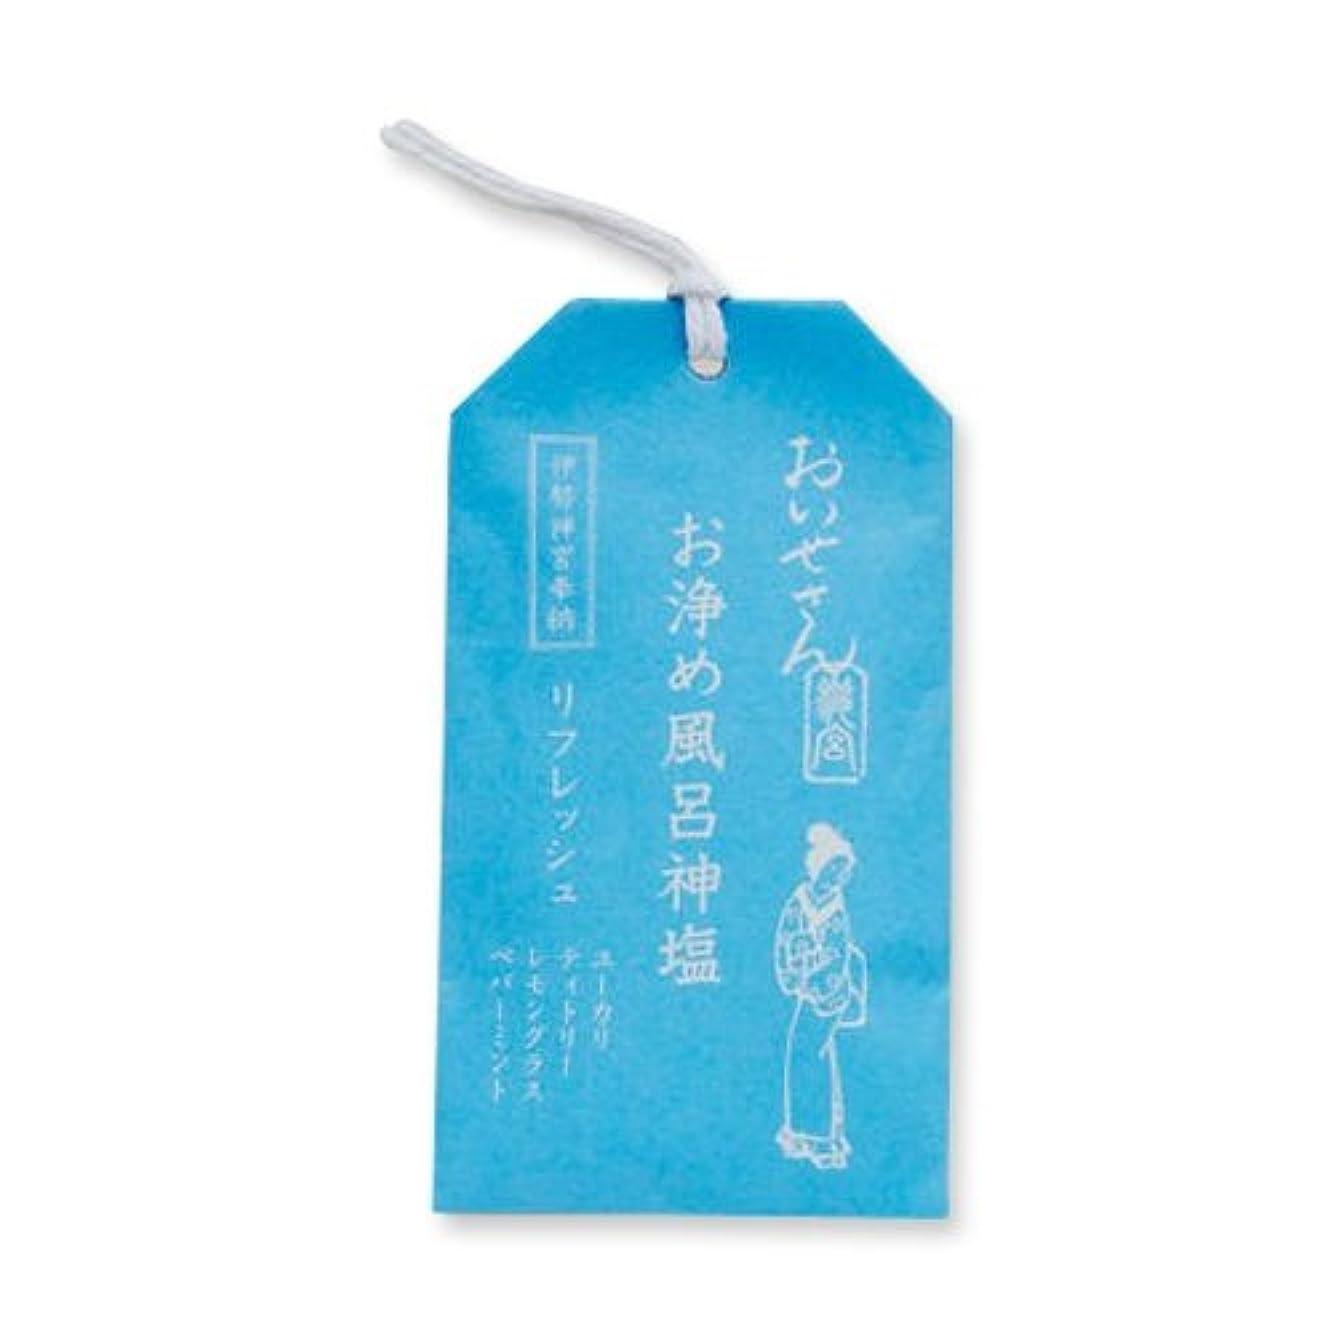 スポーツの試合を担当している人祭り森林おいせさん お浄め風呂神塩 バス用ソルト(リフレッシュ) 20g